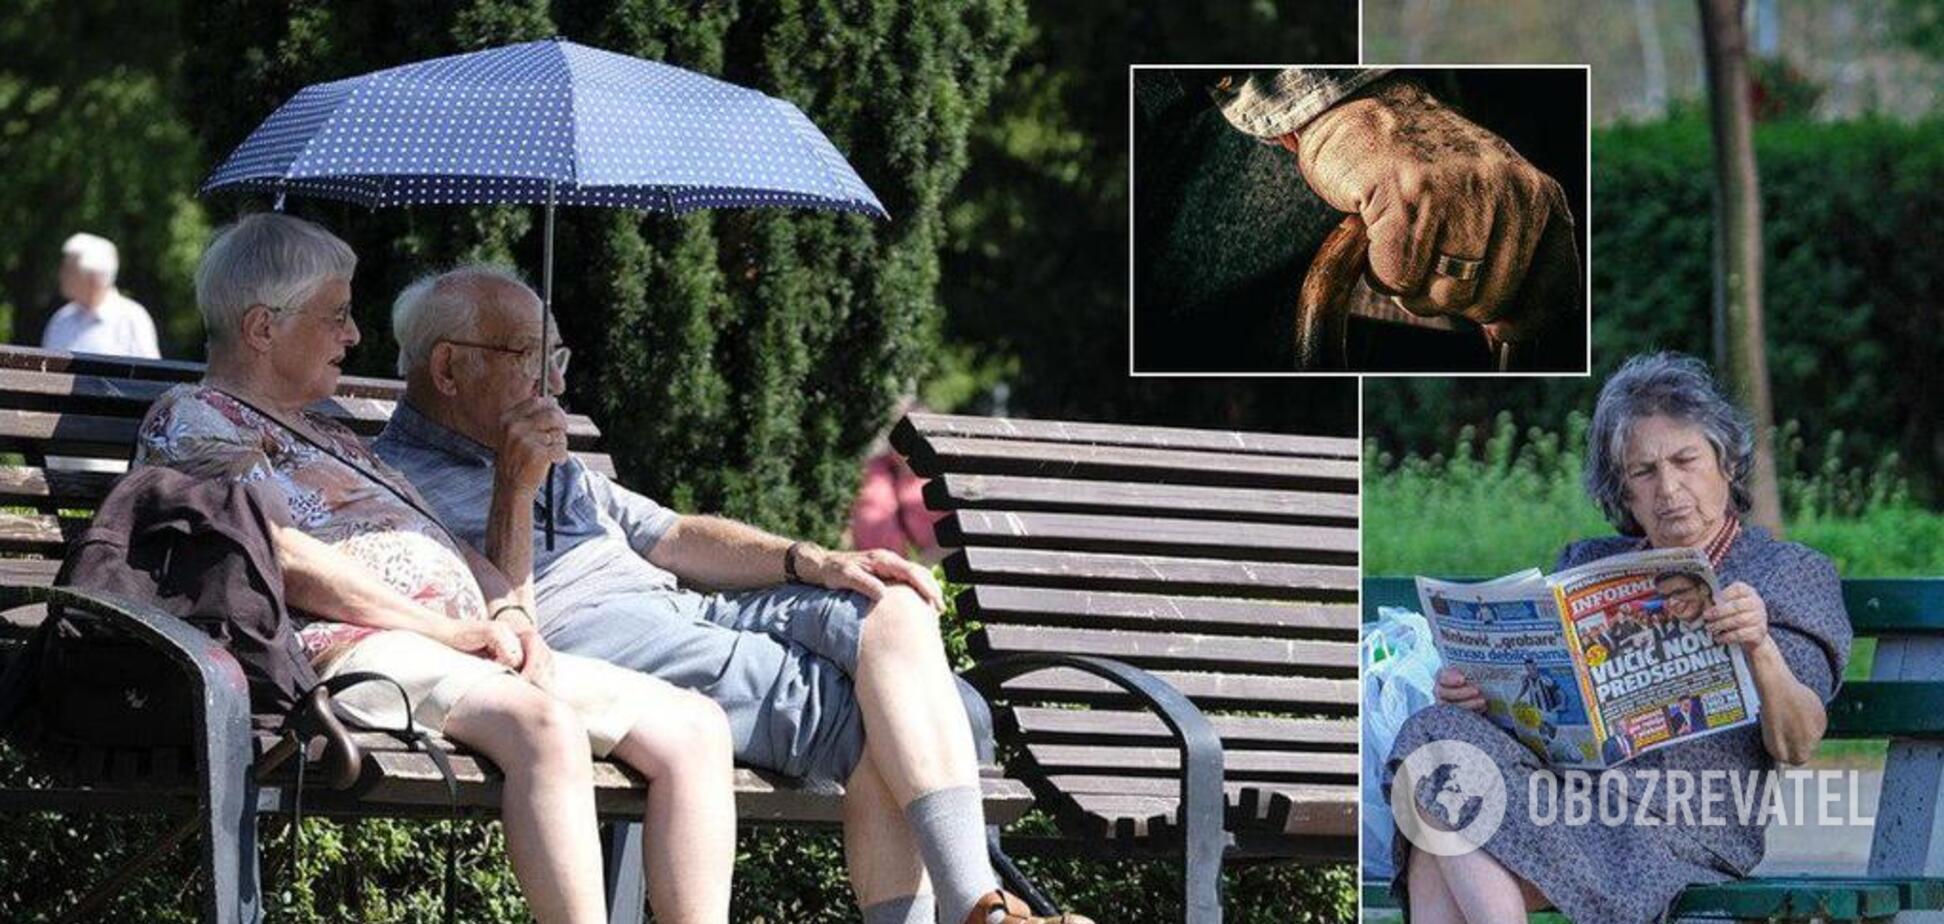 В Украине ввели новый пенсионный возраст: кто не получит выплату в 60 лет